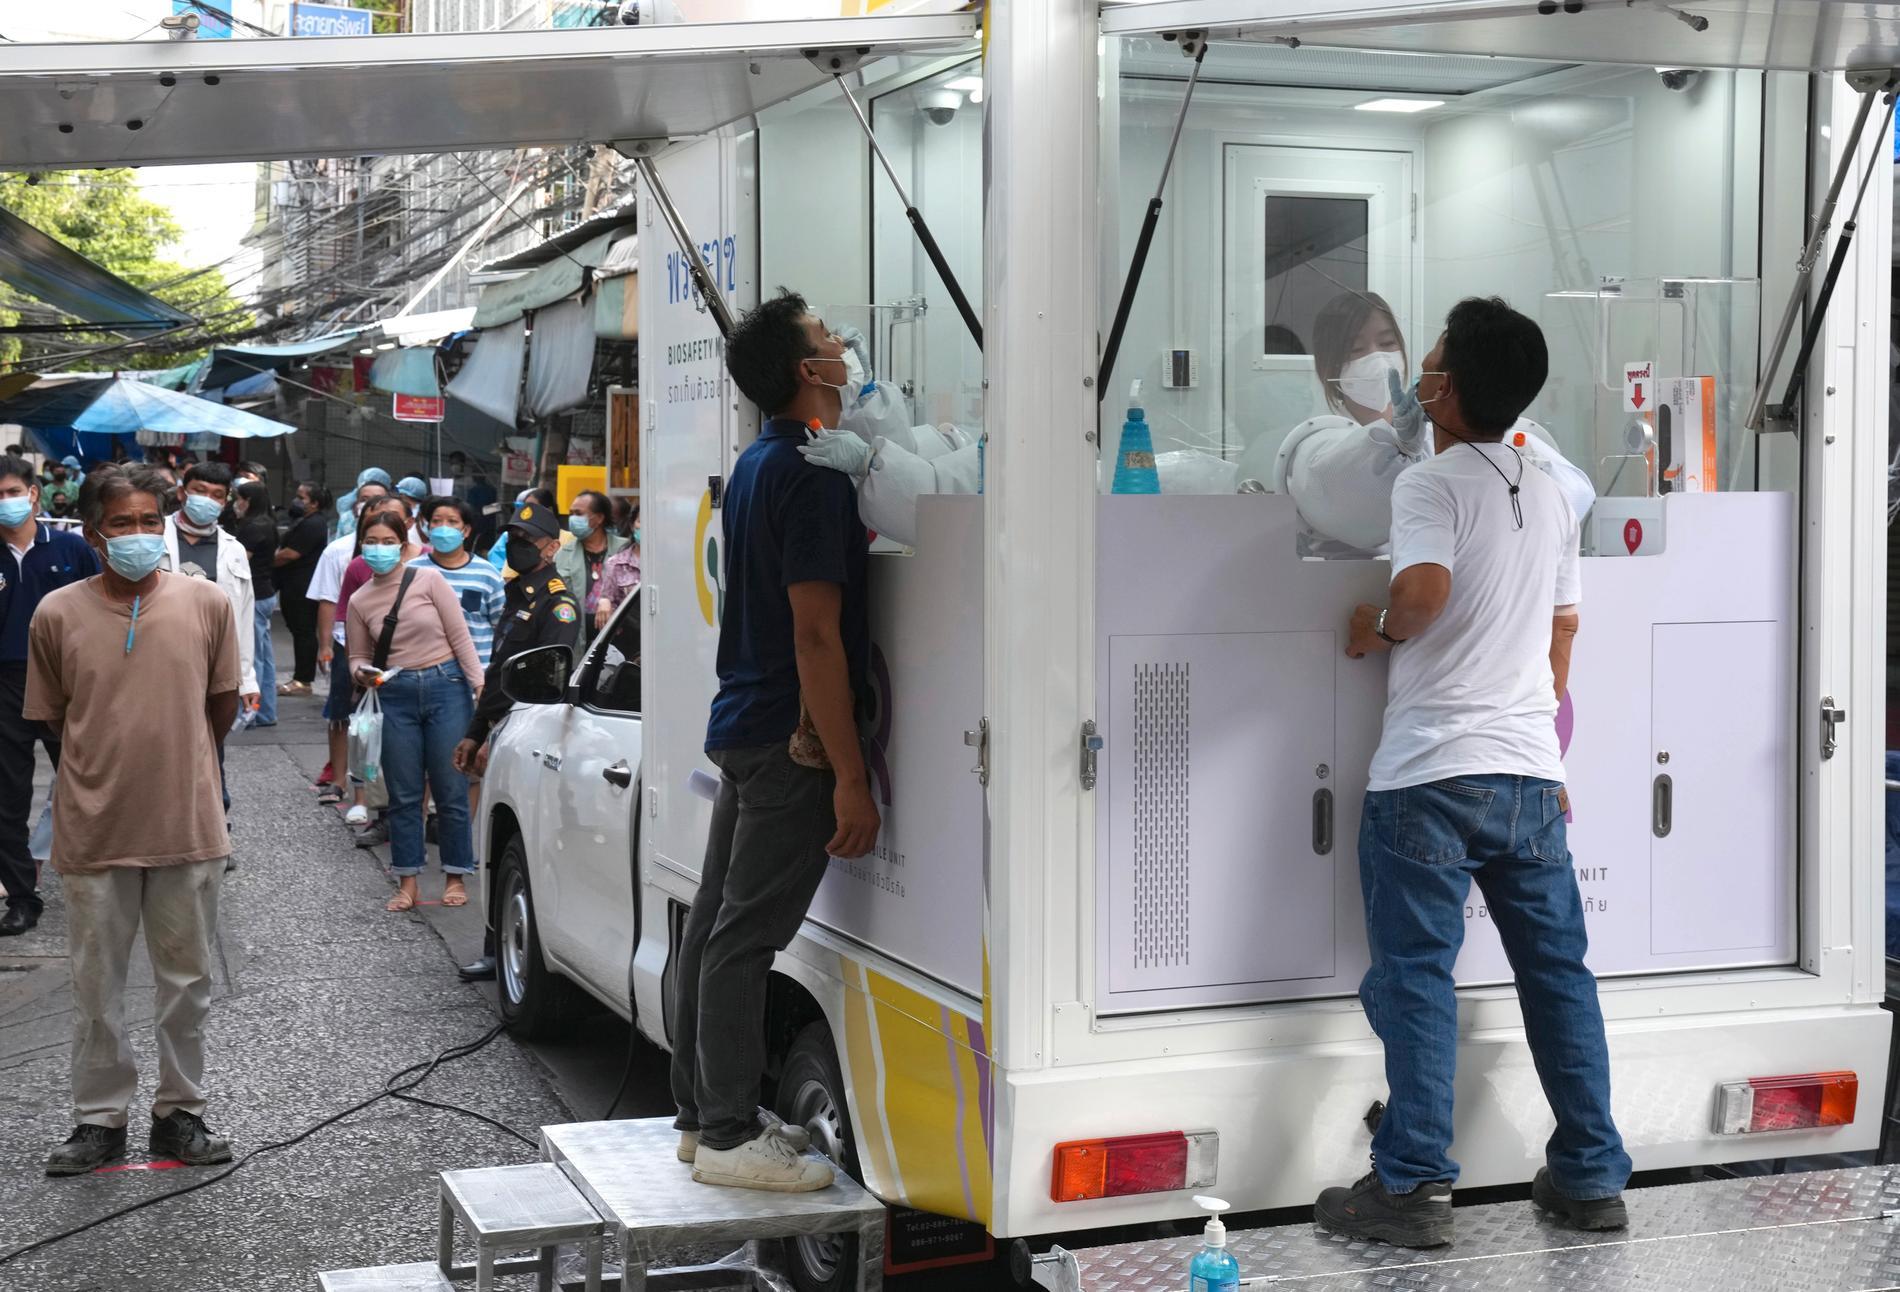 Drop in testning för coronaviruset på en marknad i Bankok.